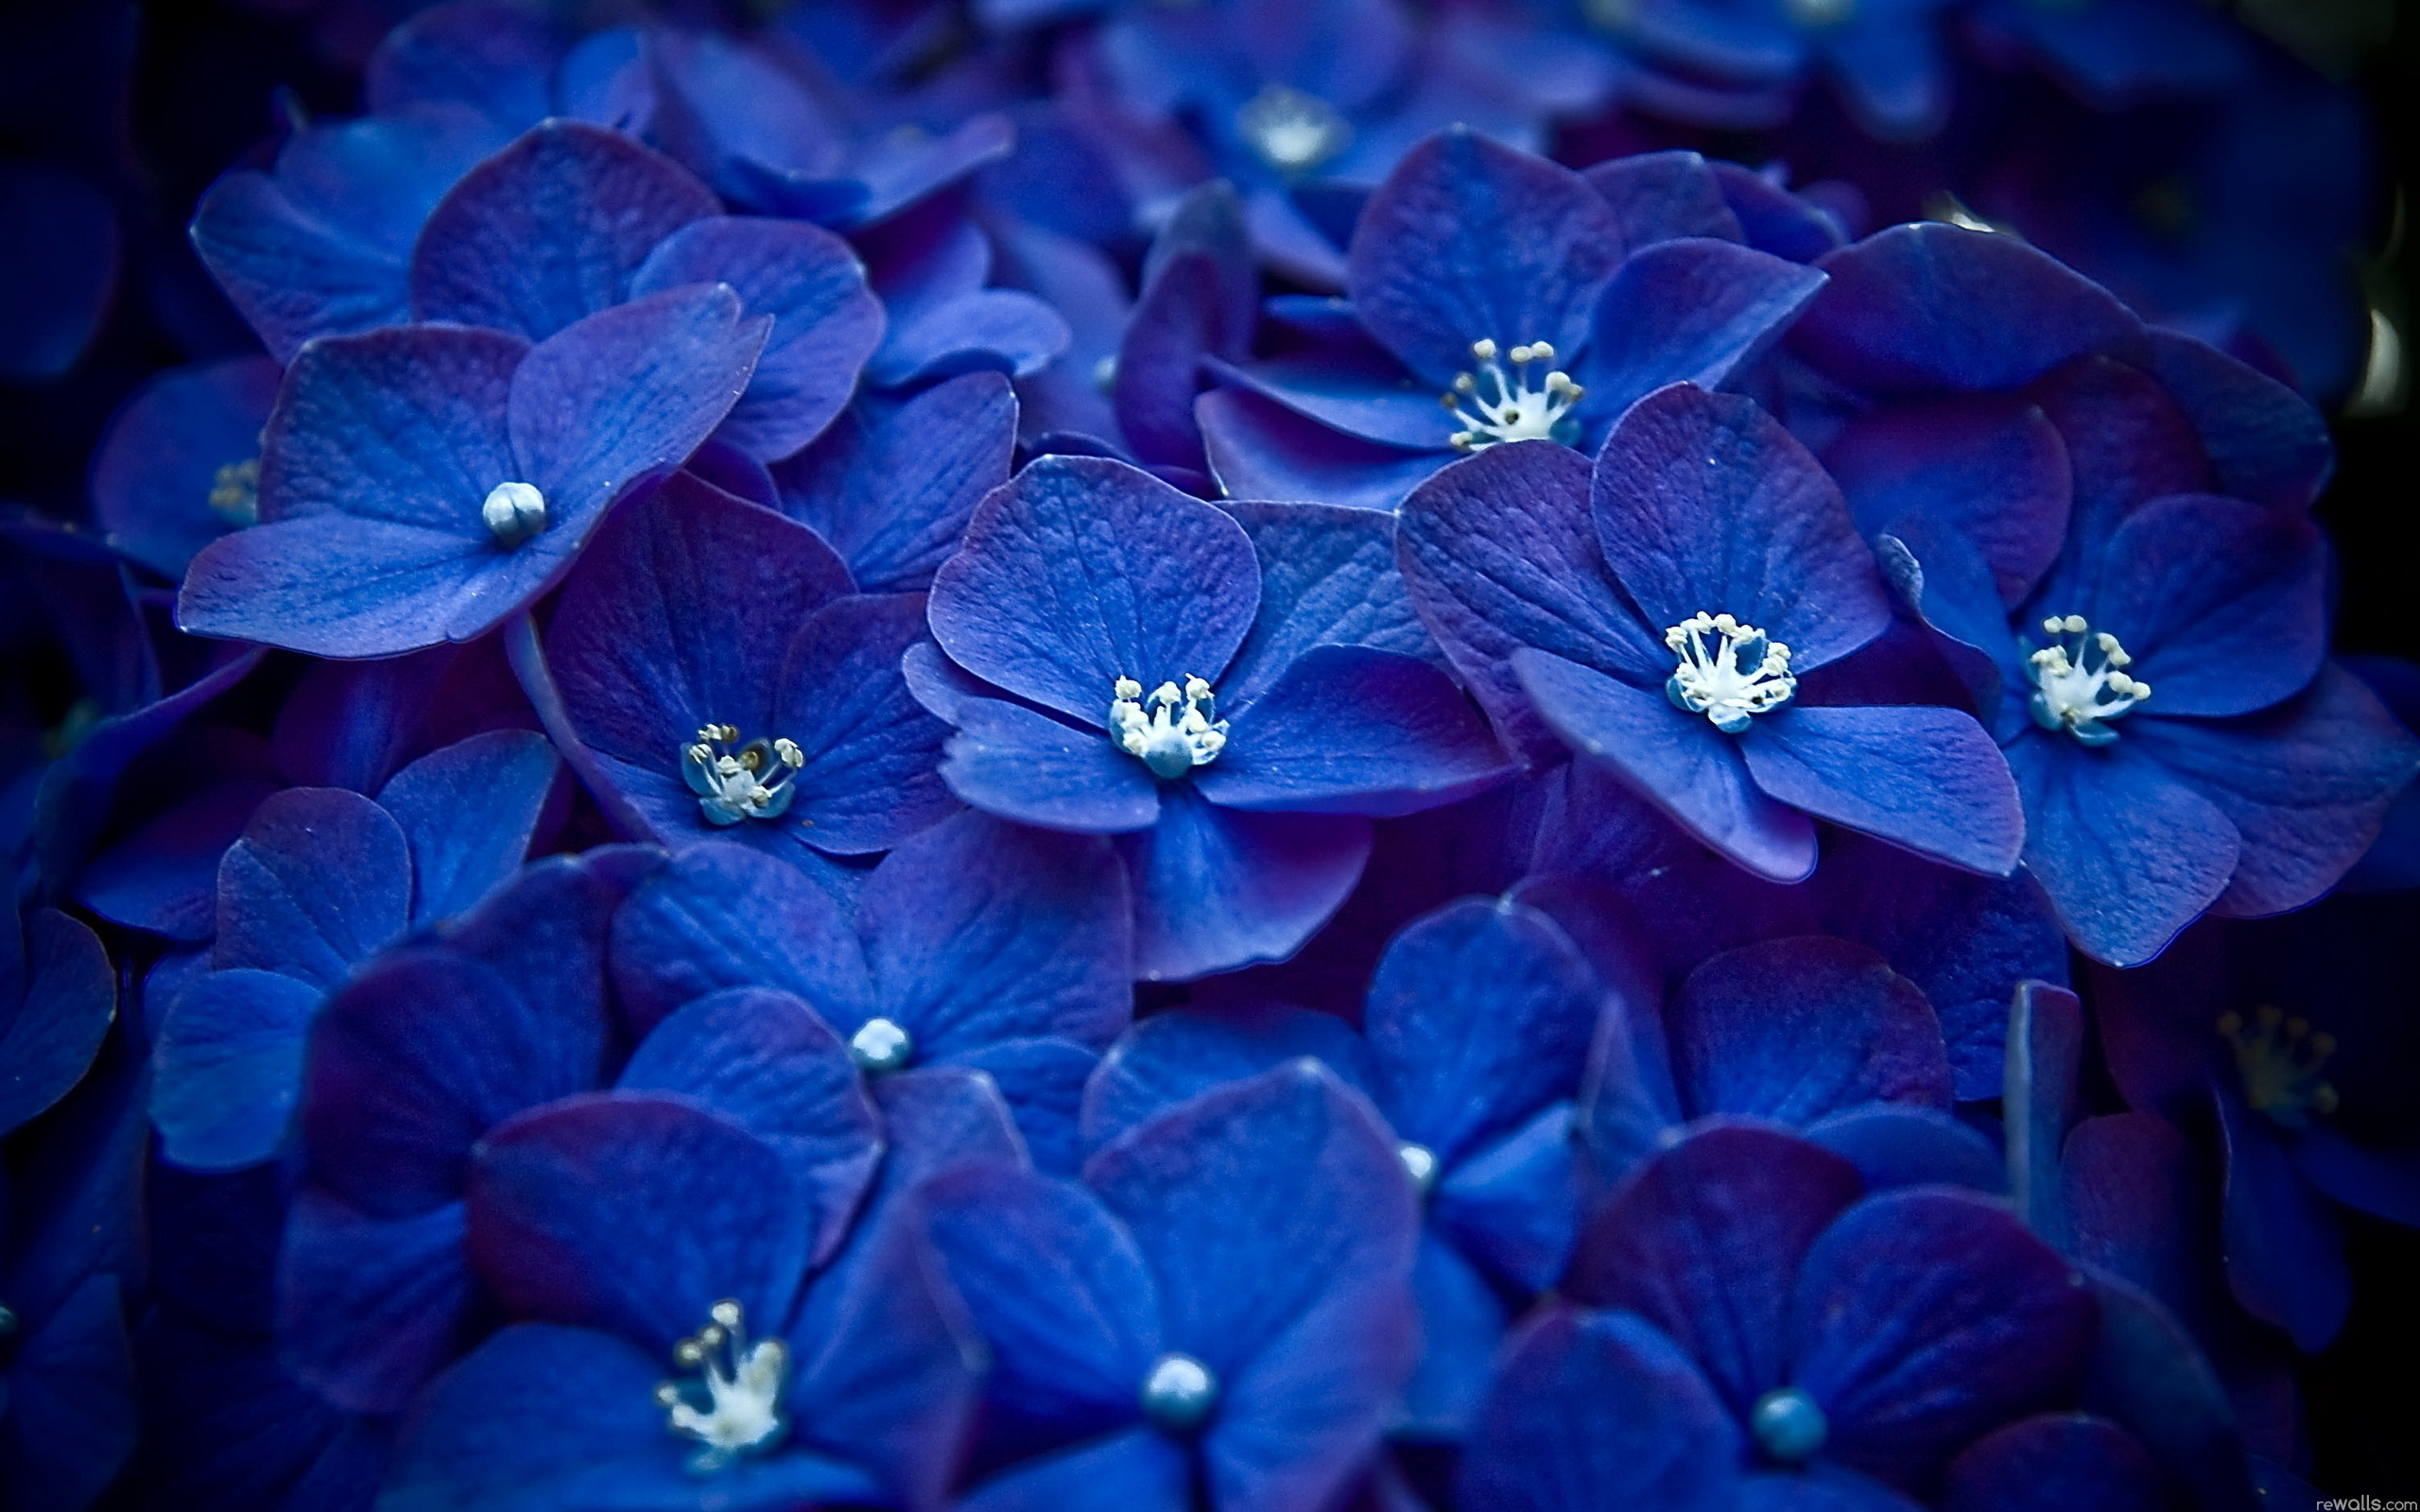 Картинка с синими цветами необычная многих фраза